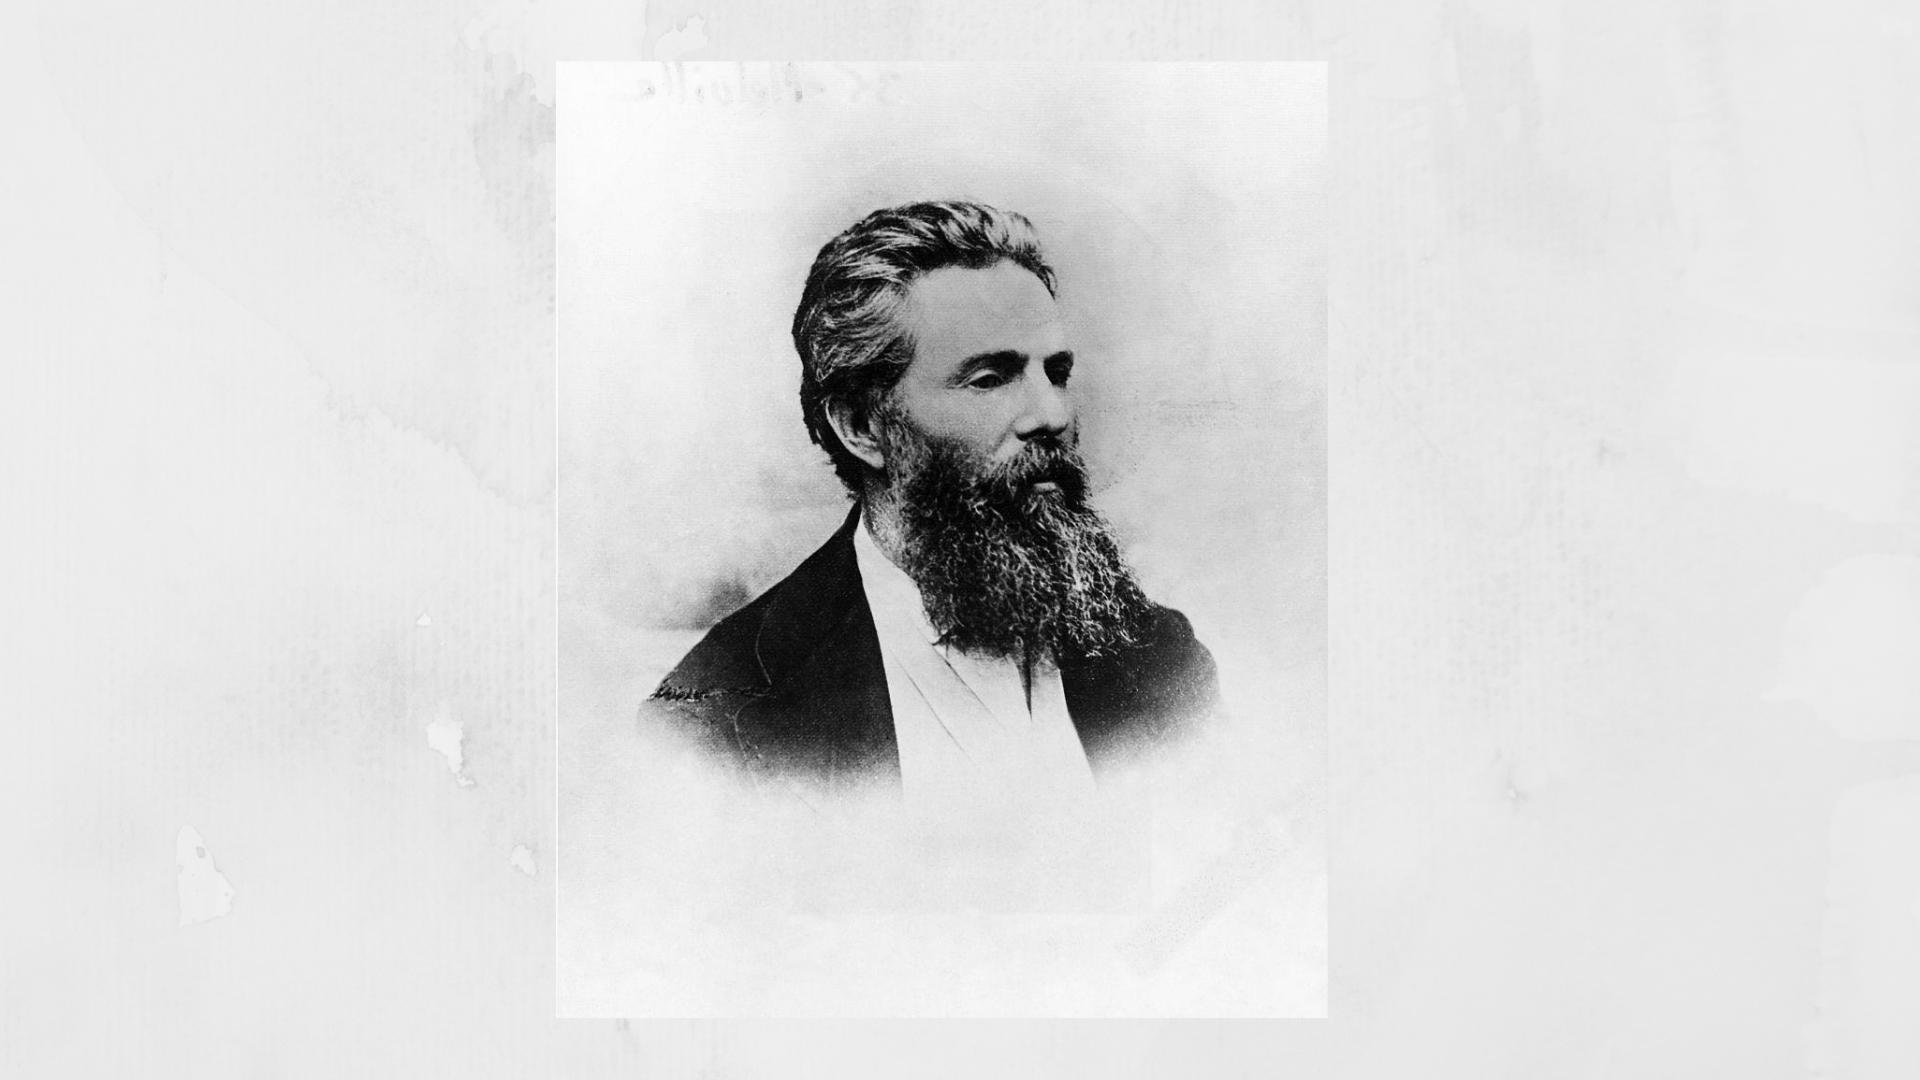 Sarà un agosto degno dei libri di Herman Melville?